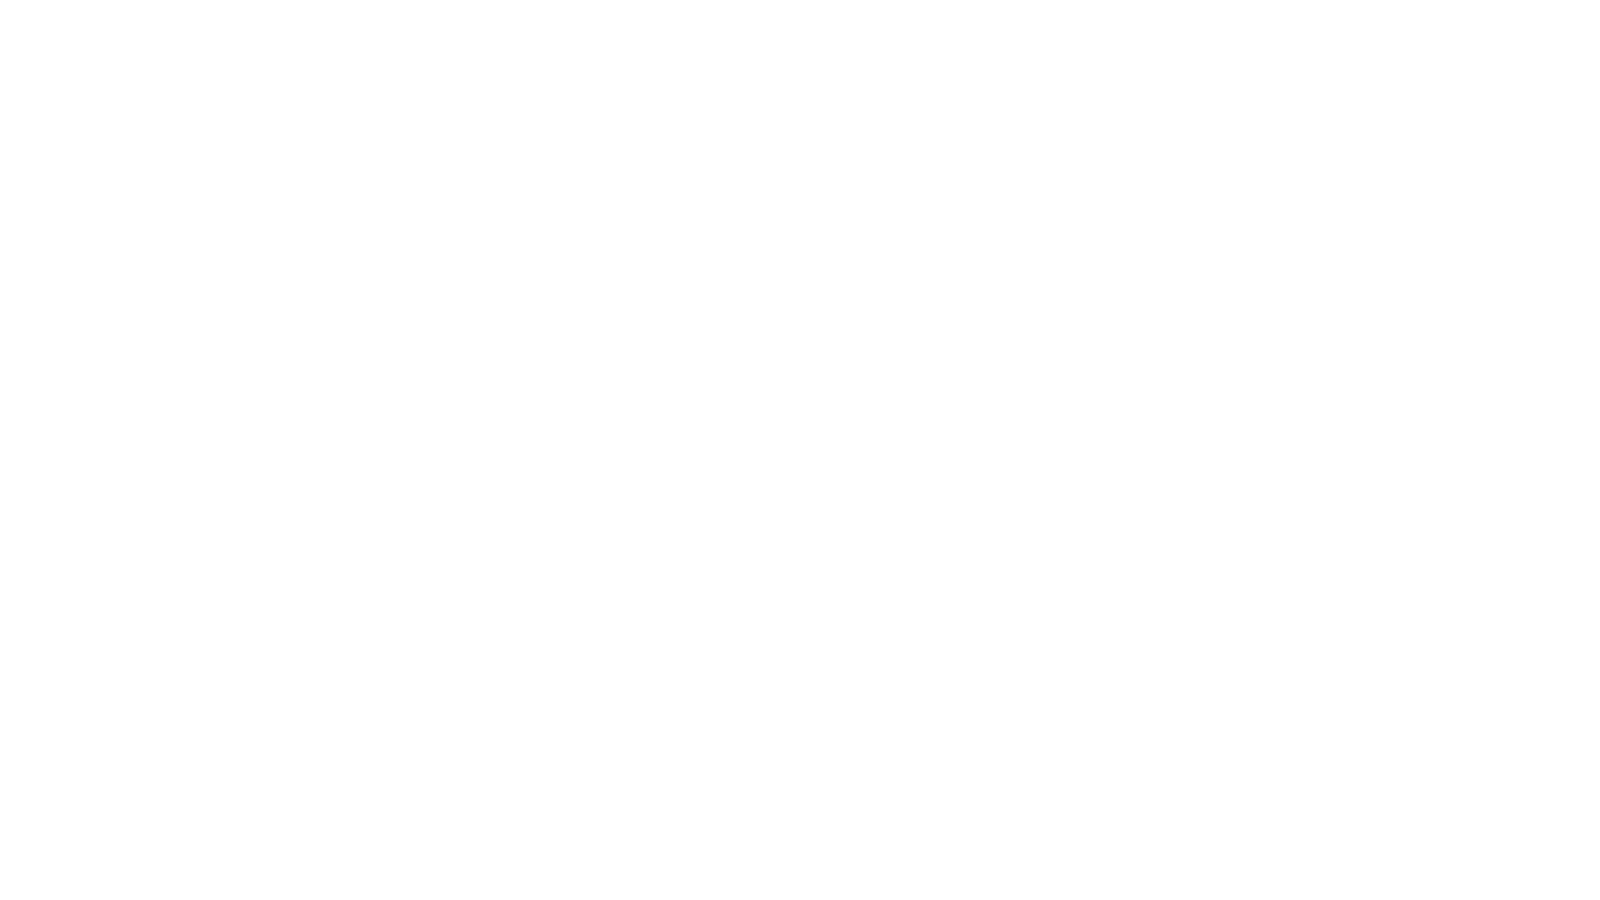 Quieres conocer más a detalle este Realme 7 5G? Entra aquí: https://bit.ly/3ekOP1c Sígueme en Instagram si quieres ver más pruebas específicas de cada apartado: https://instagram.com/CarlosVassan  ↓↓↓↓↓↓↓↓↓EXPANDE ESTO↓↓↓↓↓↓↓↓↓↓↓  Videos recomendados:  →Los 10 Mejores Teléfonos del 2020: https://bit.ly/3iipdDK →TOP MEJORES TELÉFONOS BARATOS 2020:https:// bit.ly/3nIRjsC →TOP Mejores teléfonos gama media del 2019: https://bit.ly/2N3YGyr →TOP Mejores teléfonos gama media del 2020: https://bit.ly/39ycBV1 →TOP MEJORES TELÉFONOS GAMA MEDIA-PREMIUM 2020: https://bit.ly/35AVIrG  Únete a nuestro grupo de Telegram en donde publicamos las mejores ofertas de Amazon todos los días 🔥: https://t.me/CarlosVassan  Redes sociales:  Instagram: https://instagram.com/CarlosVassan Twitter: https://twitter.com/Carlos_Vassan Nueva página de Facebook: https://bit.ly/36jeljZ  Mi página web para que cheques todas las noticias y filtraciones de nuevos equipos: https://carlosvassan.com/  Contacto empresarial: hola@carlosvassan.com